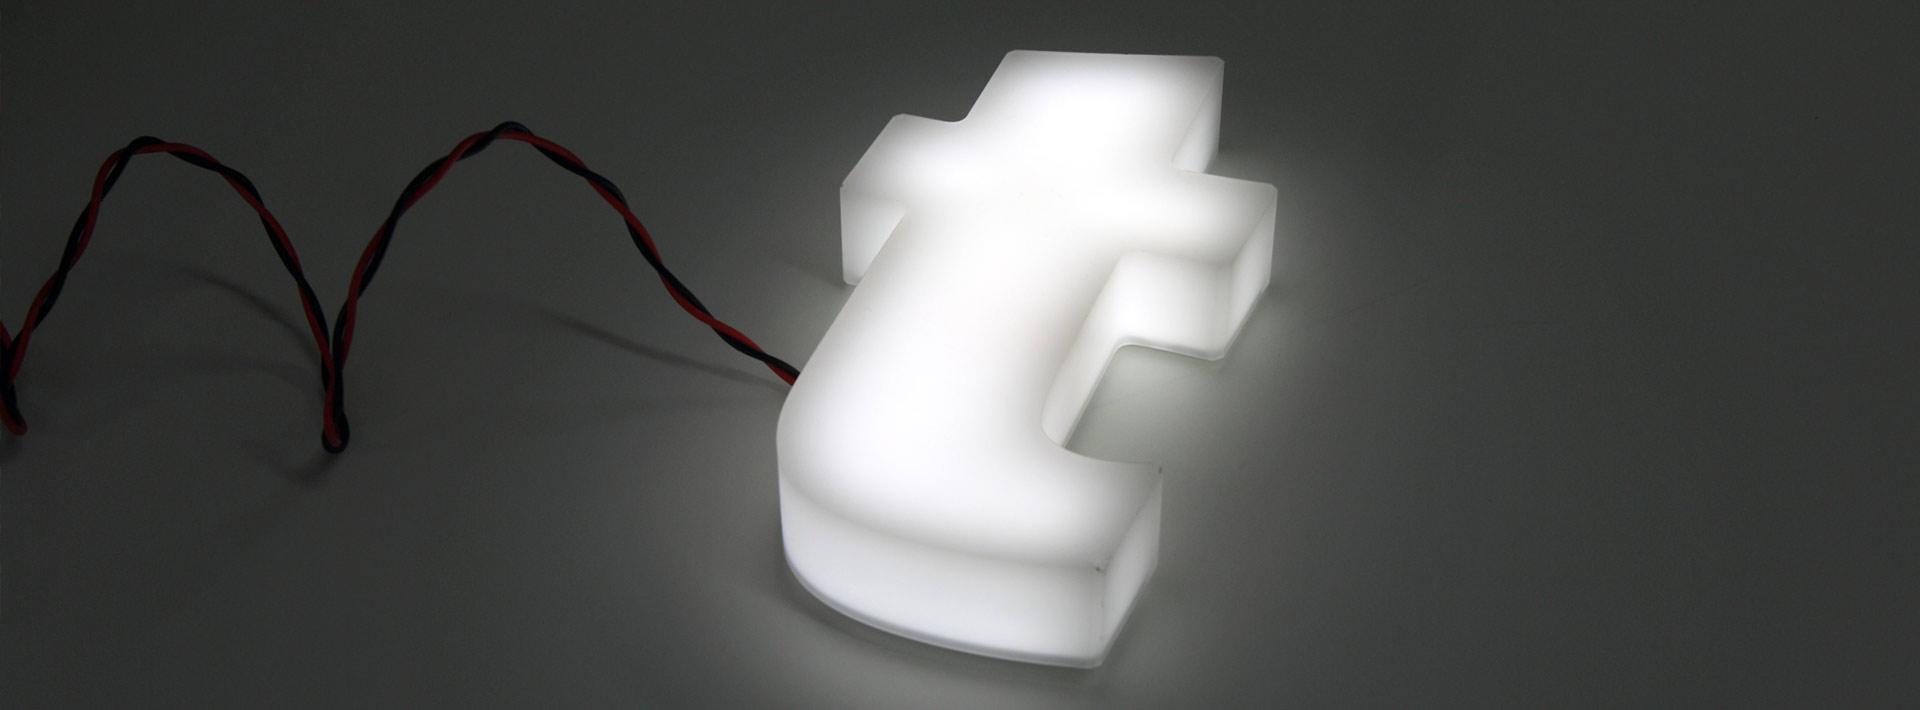 Lettrage 3d avec éclairage interne à Leds